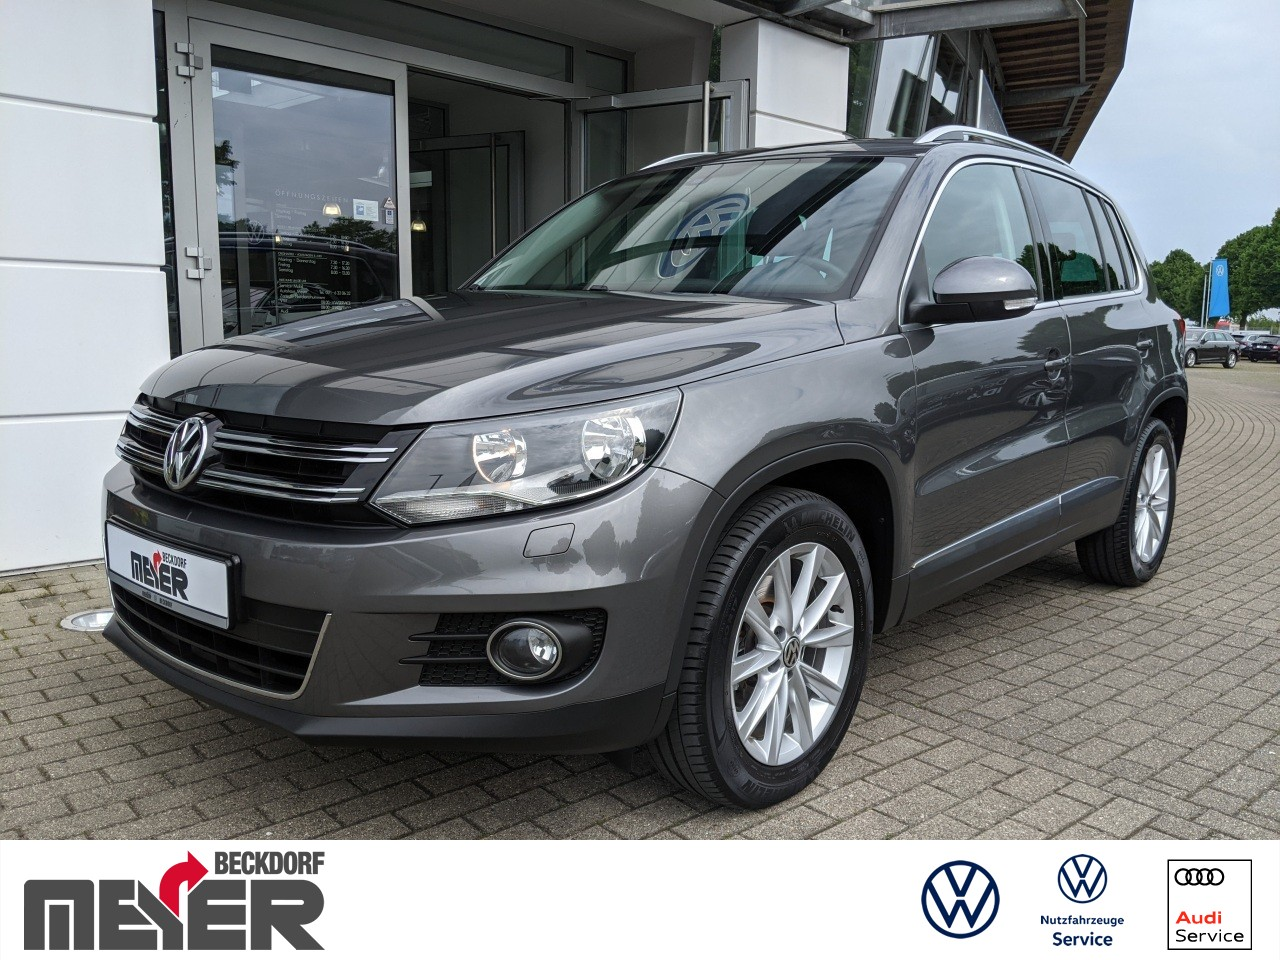 Volkswagen Tiguan Sport & Style 2.0 TDI Klima Navi, Jahr 2014, Diesel